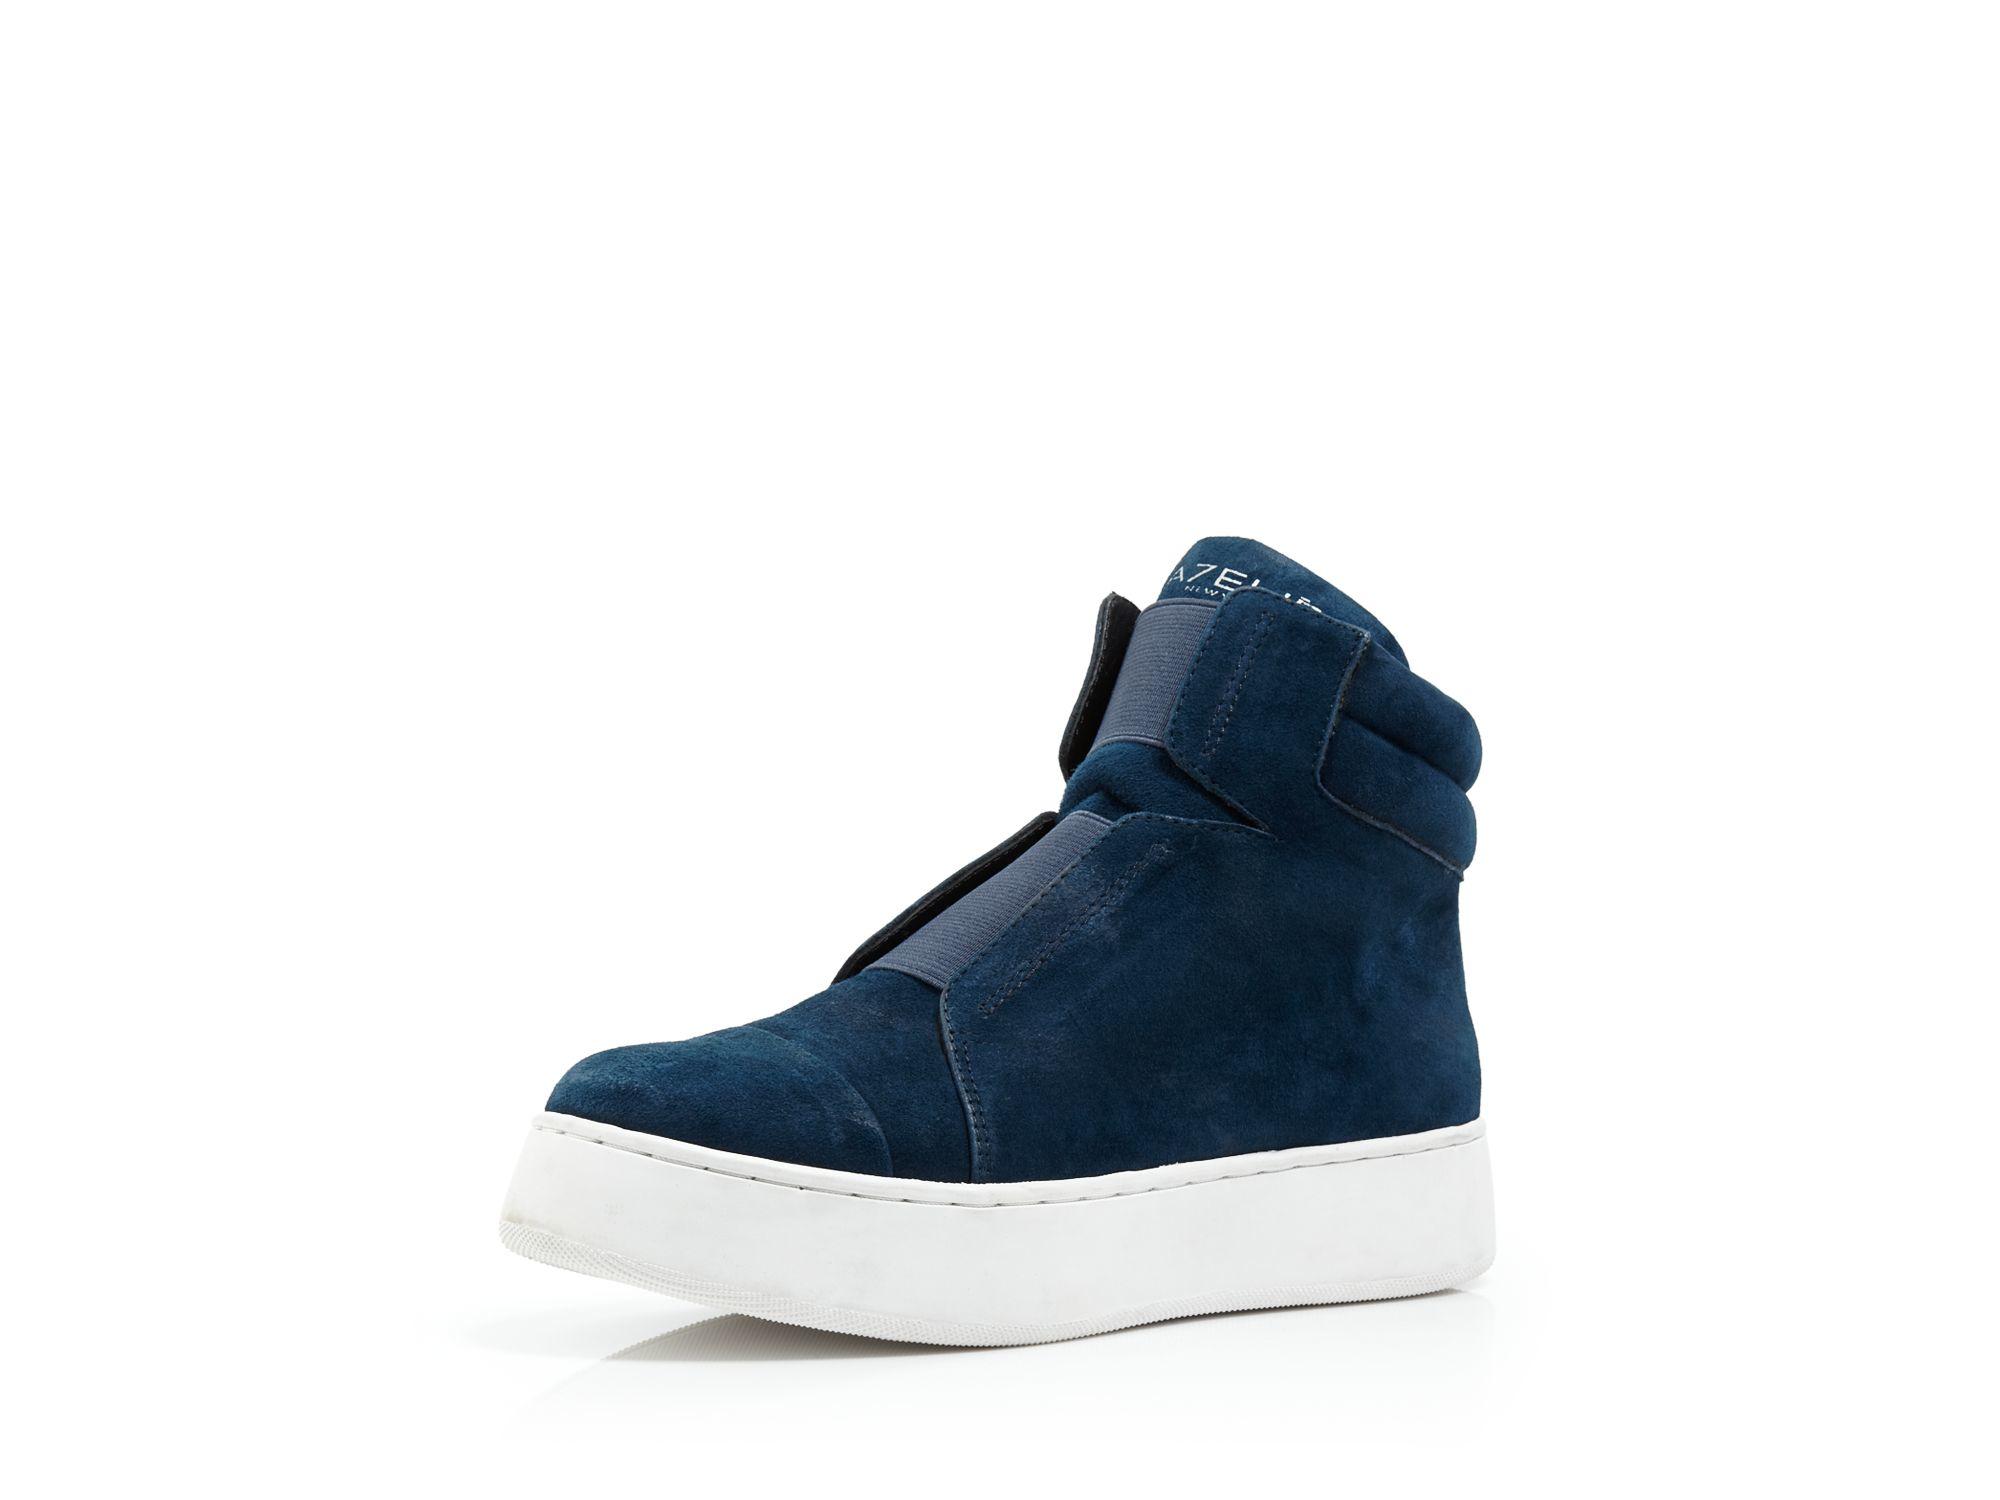 FOOTWEAR - Low-tops & sneakers Atelj eLh2bZgto